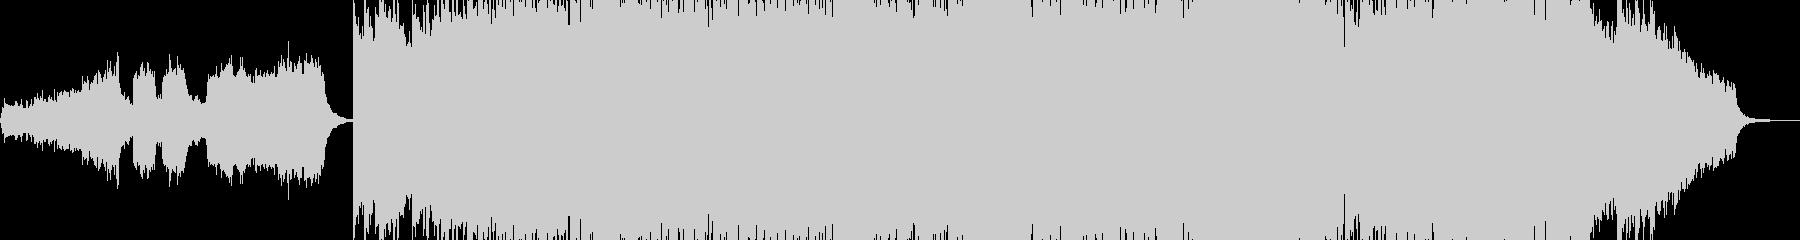 オルガン・幕開け荘厳なロック 短尺+の未再生の波形